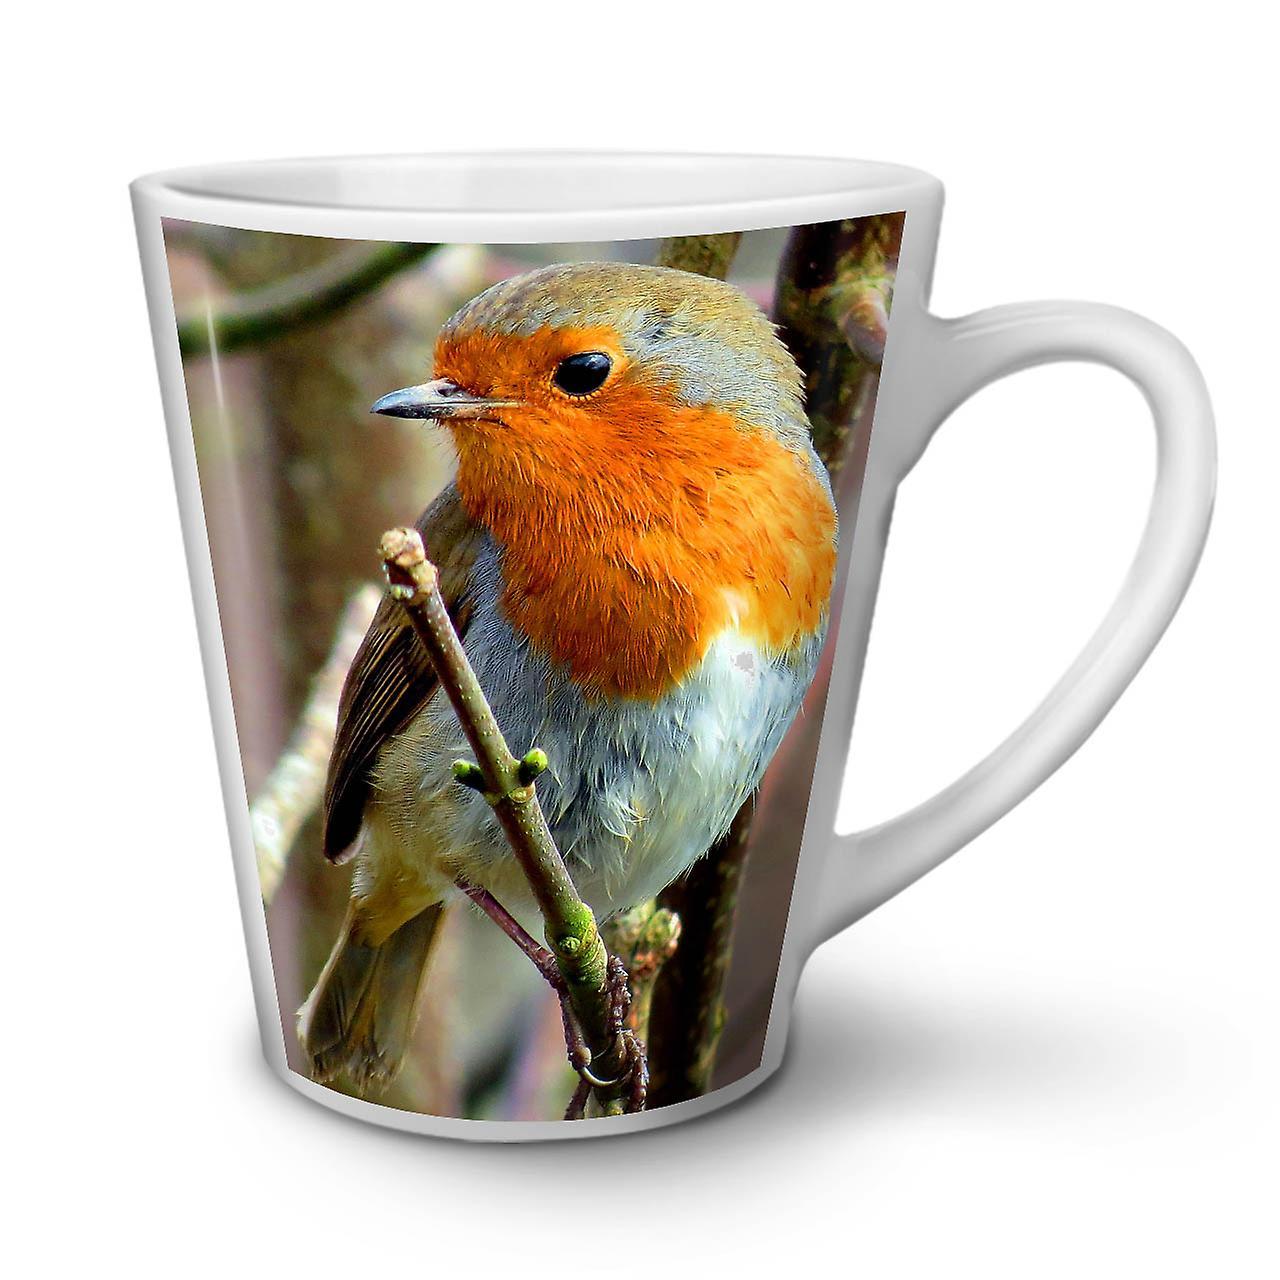 Mug Thé Blanc Latte Mignon Nature Oiseaux En Nouveau OzWellcoda Céramique Café 12 WD2IHE9